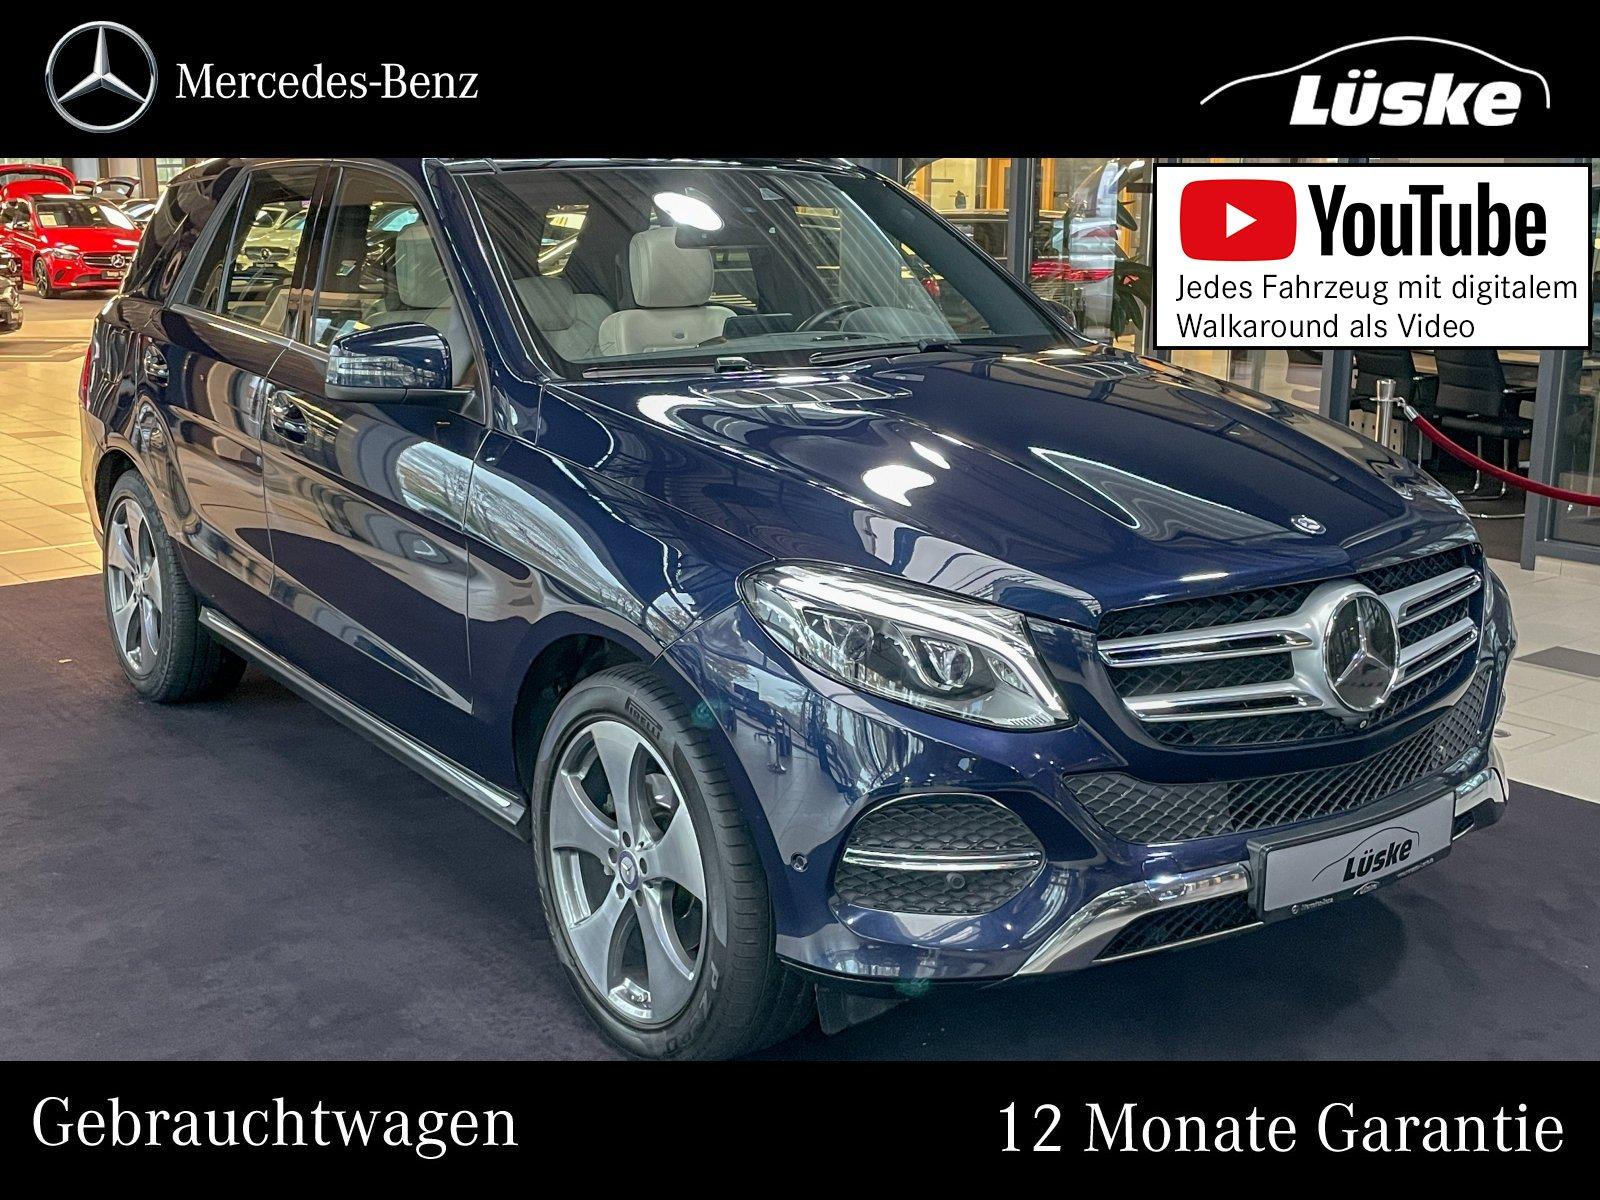 Mercedes-Benz GLE 250 d 4M Panorama designo Exklusiv NP:103456, Jahr 2015, Diesel